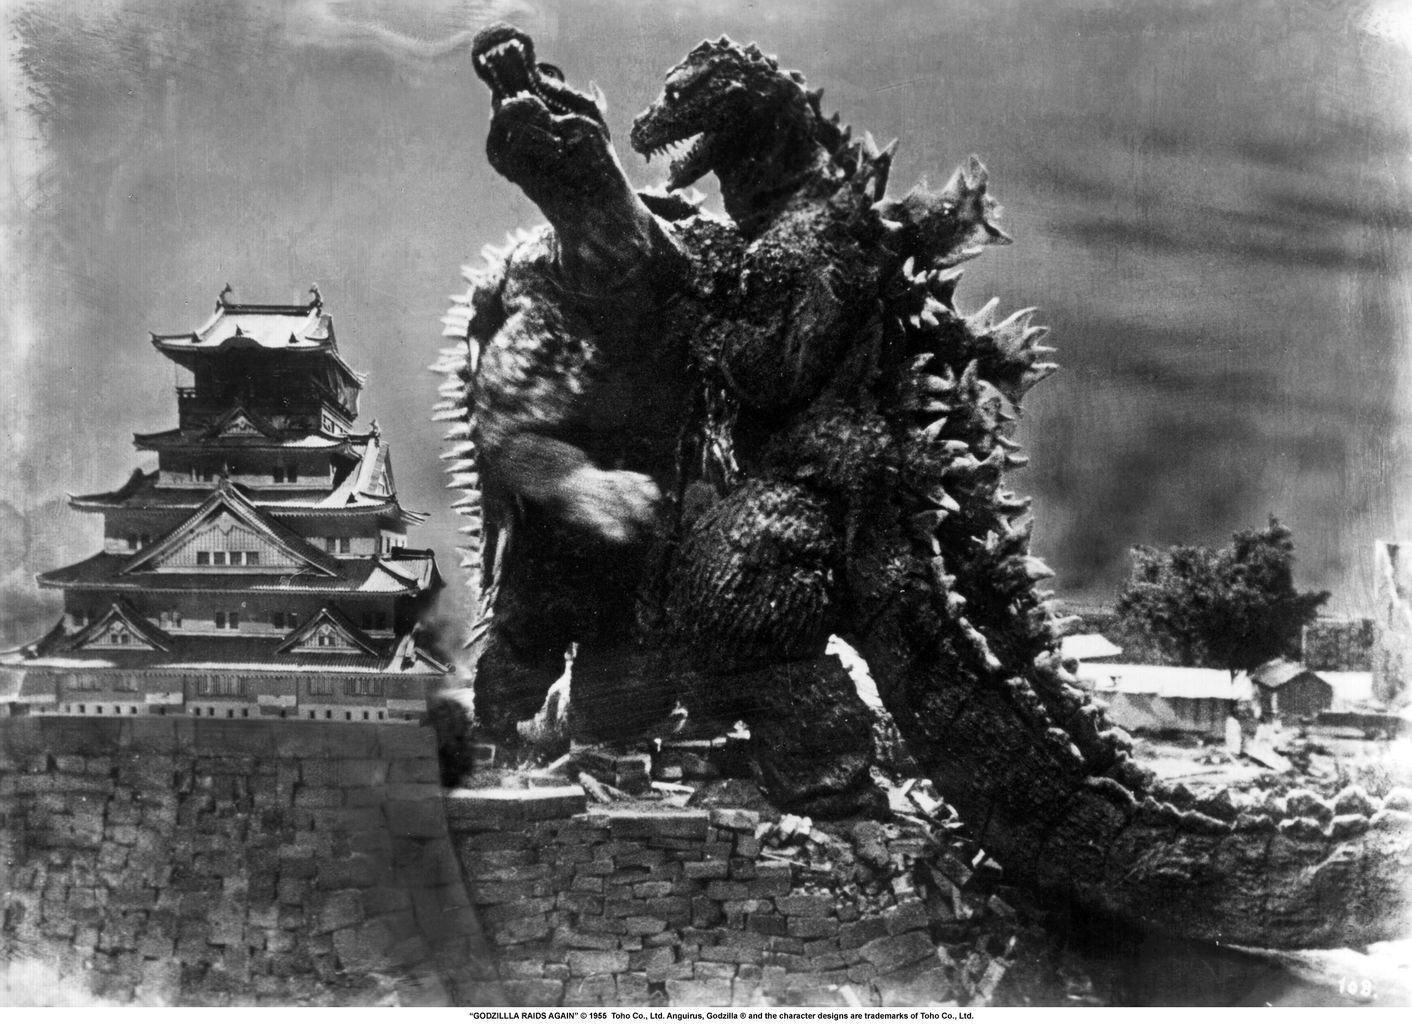 Godzilla-RaidsAgain